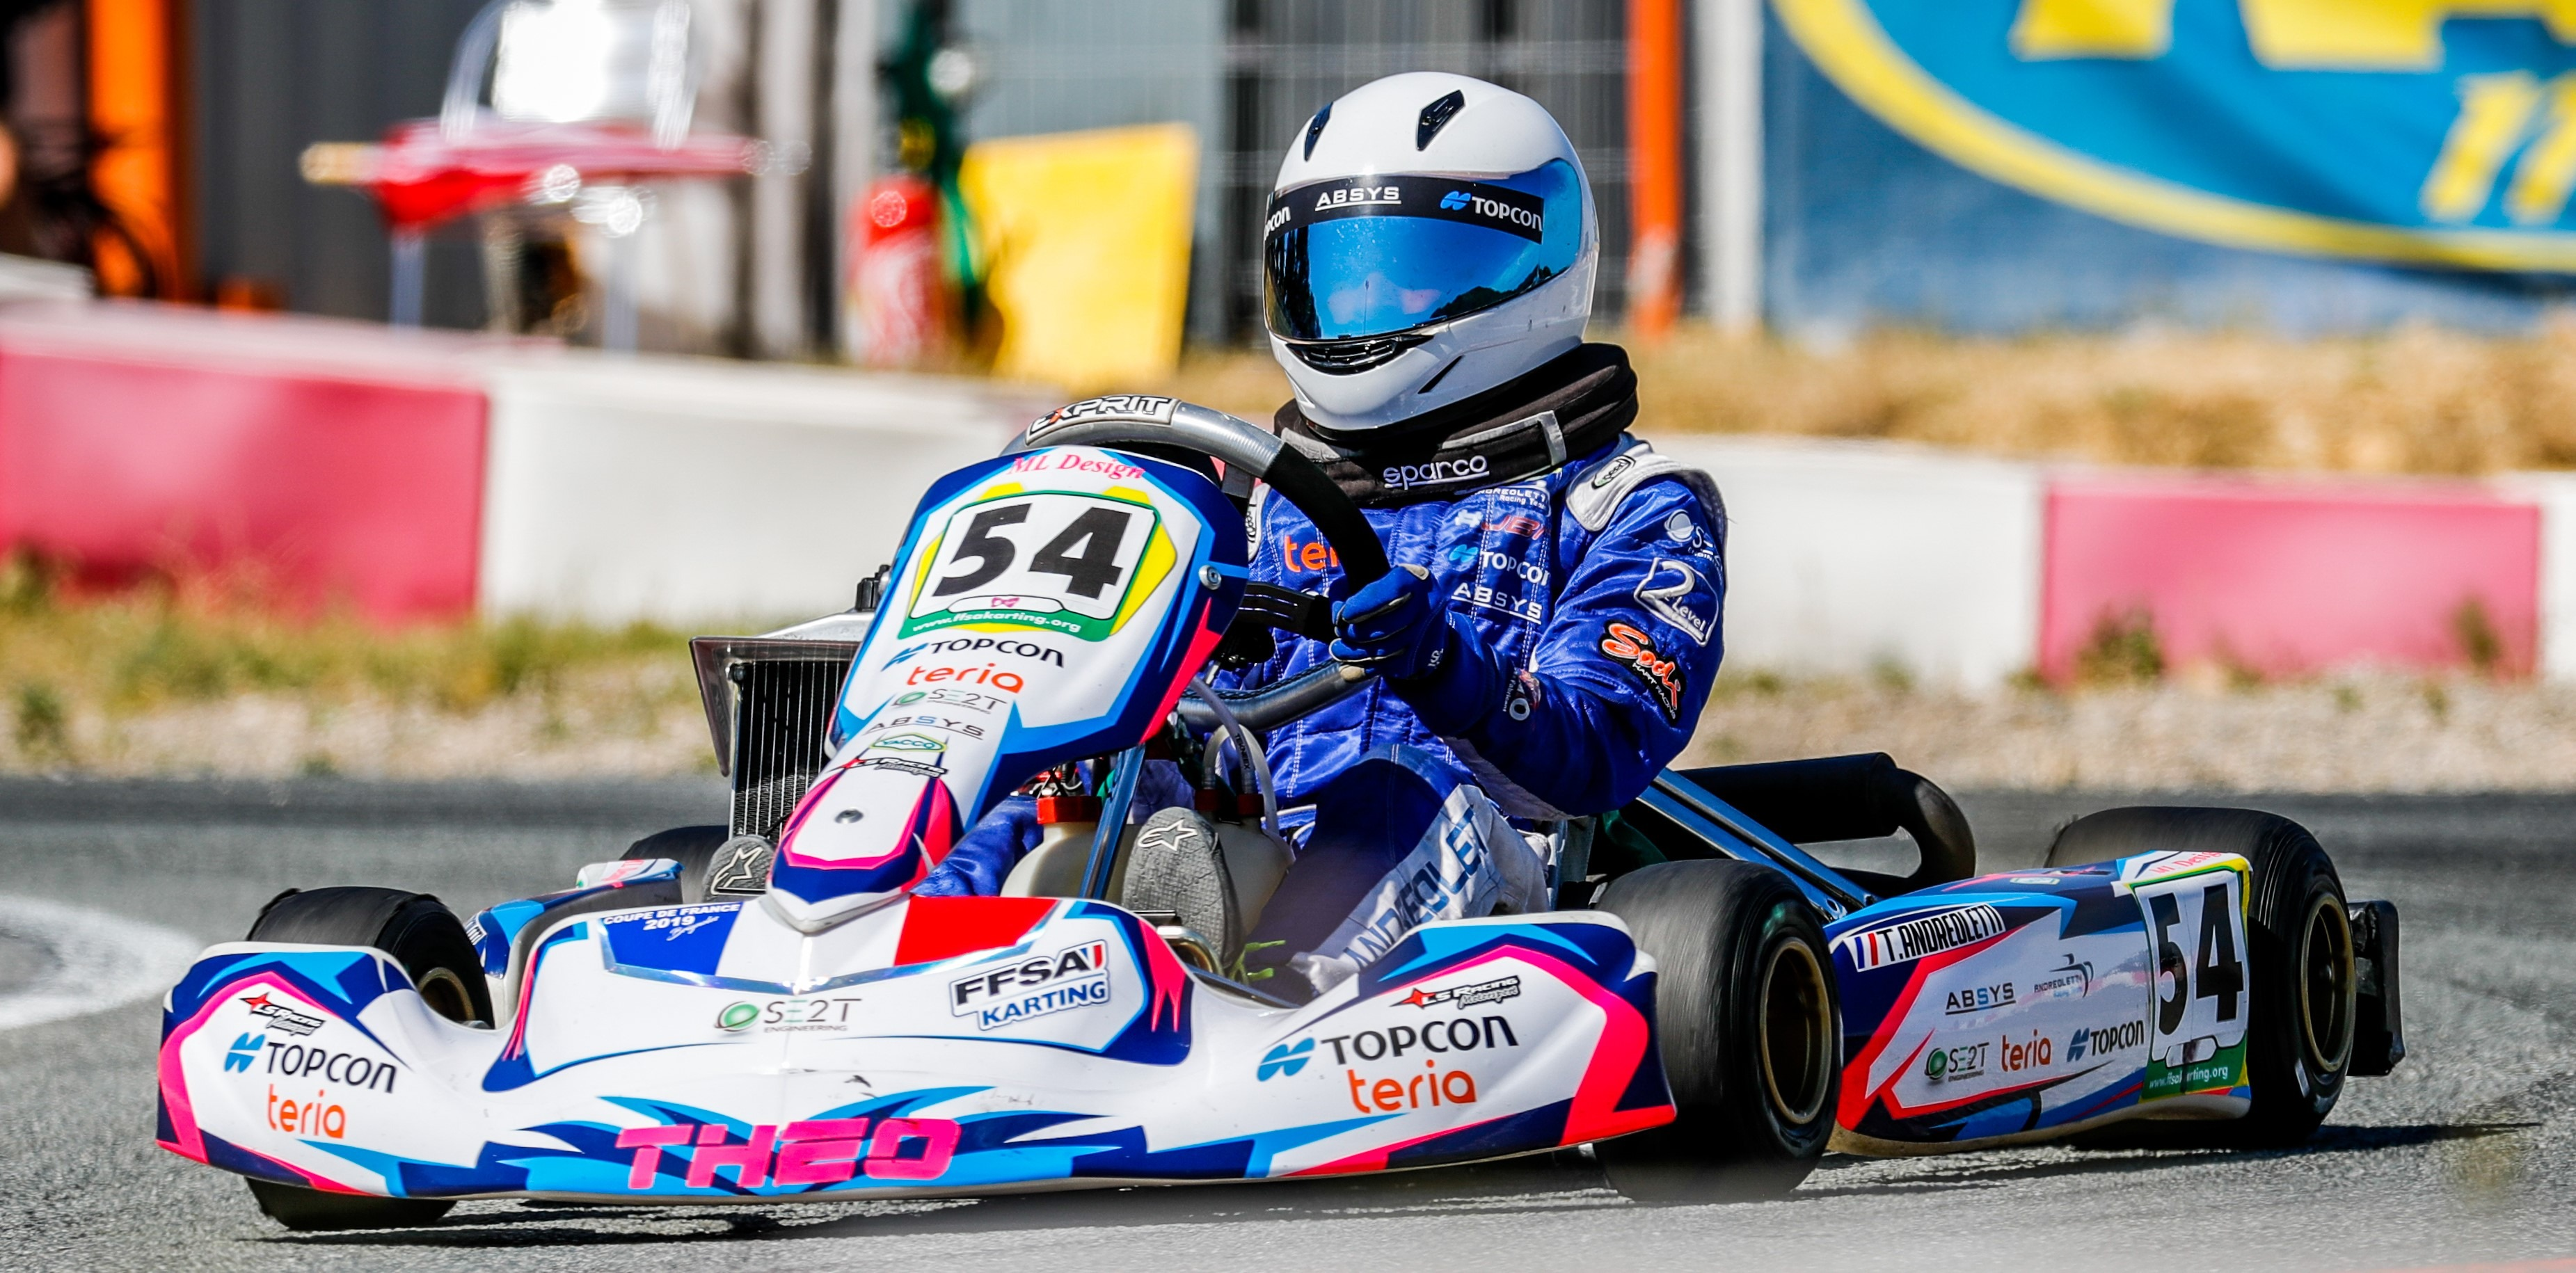 Coup de projecteur sur Théo ANDREOLETTI – champion de karting